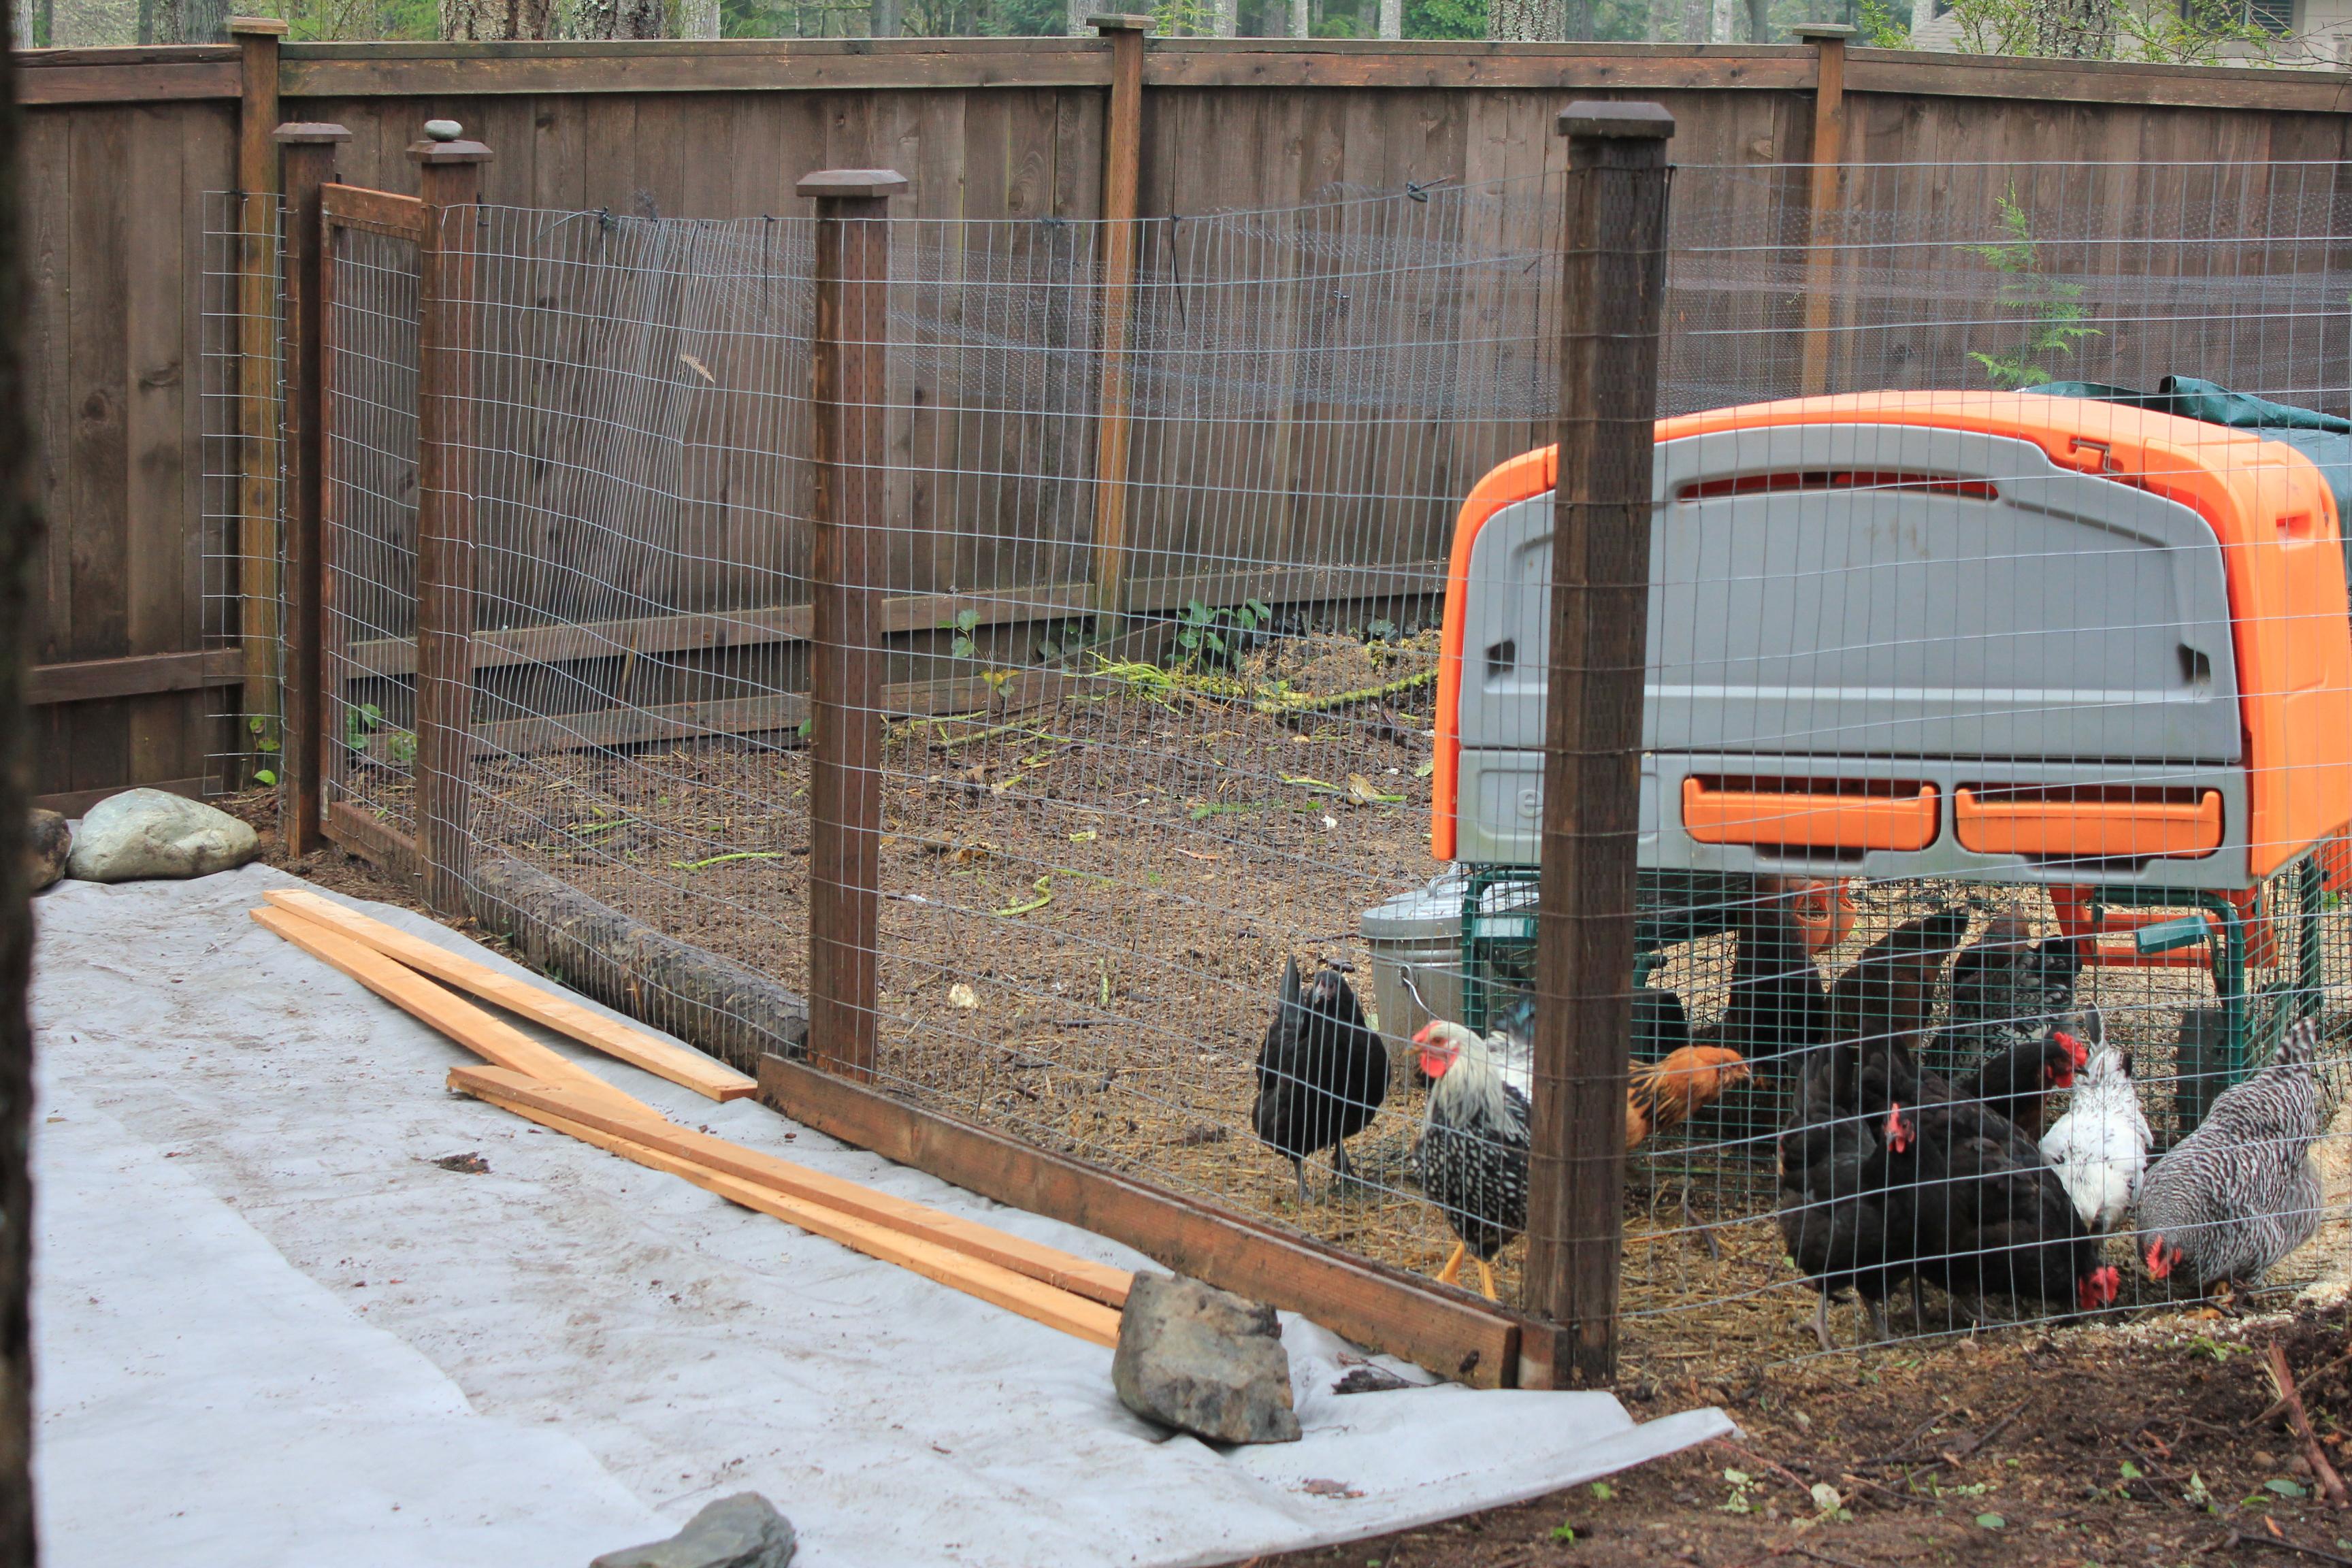 Raising Backyard Chickens in Suburbia